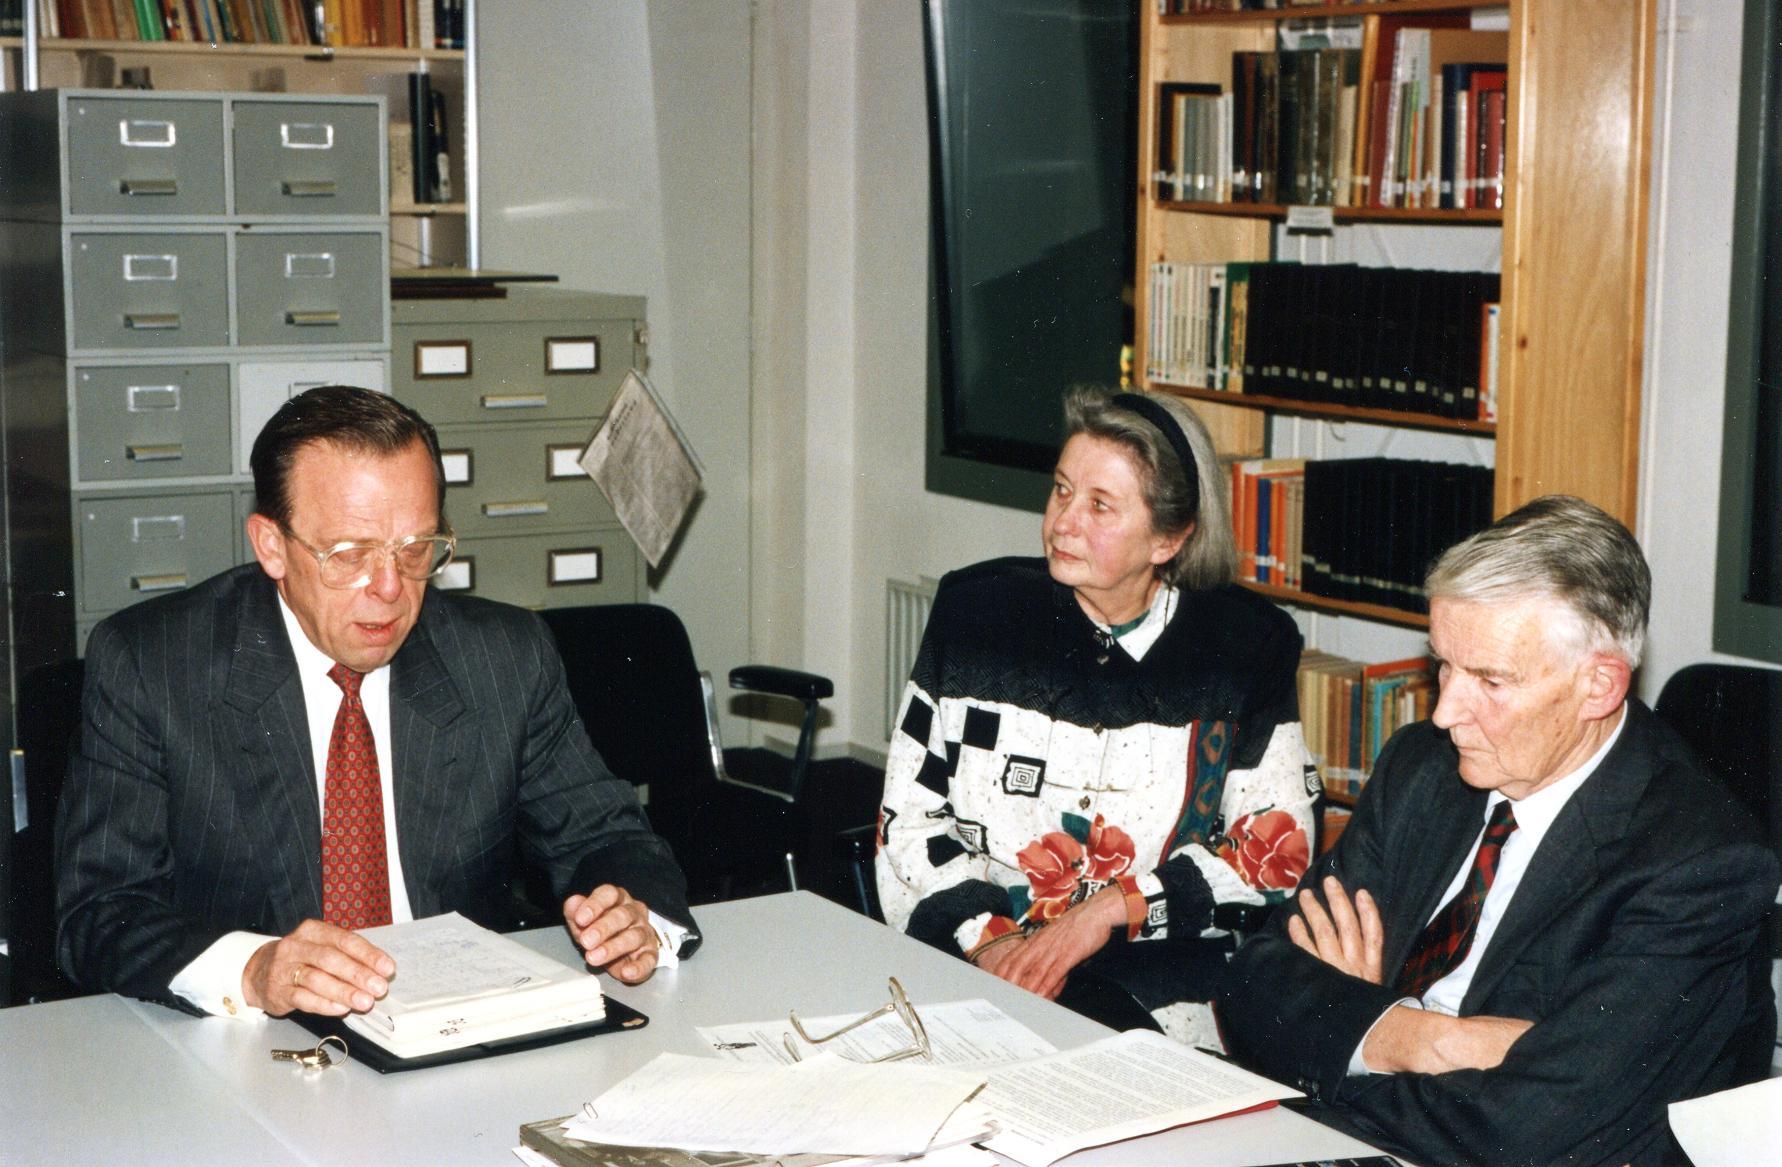 Van Rijn Bakker en Snoep 1994